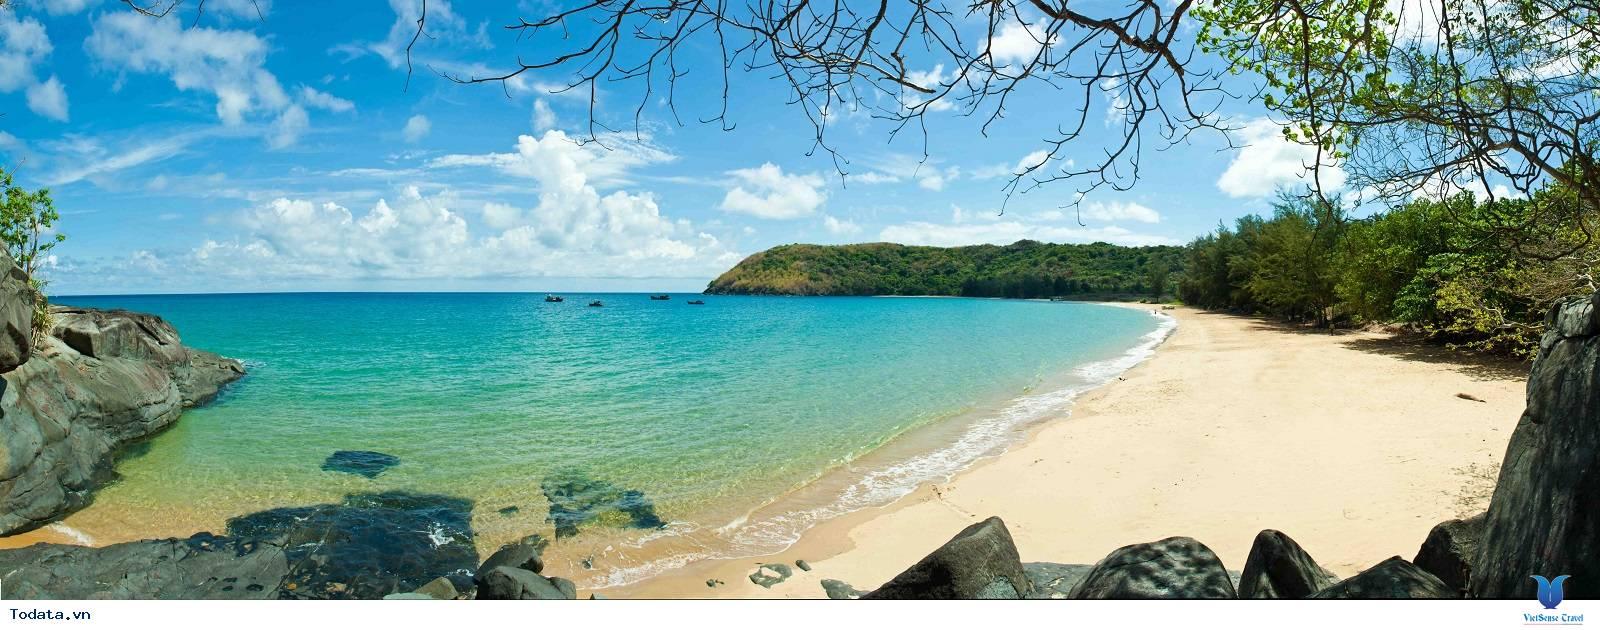 Côn đảo nổi tiếng về nhiều bãi biển hoang sơ mà bạn nên đến - Ảnh 1